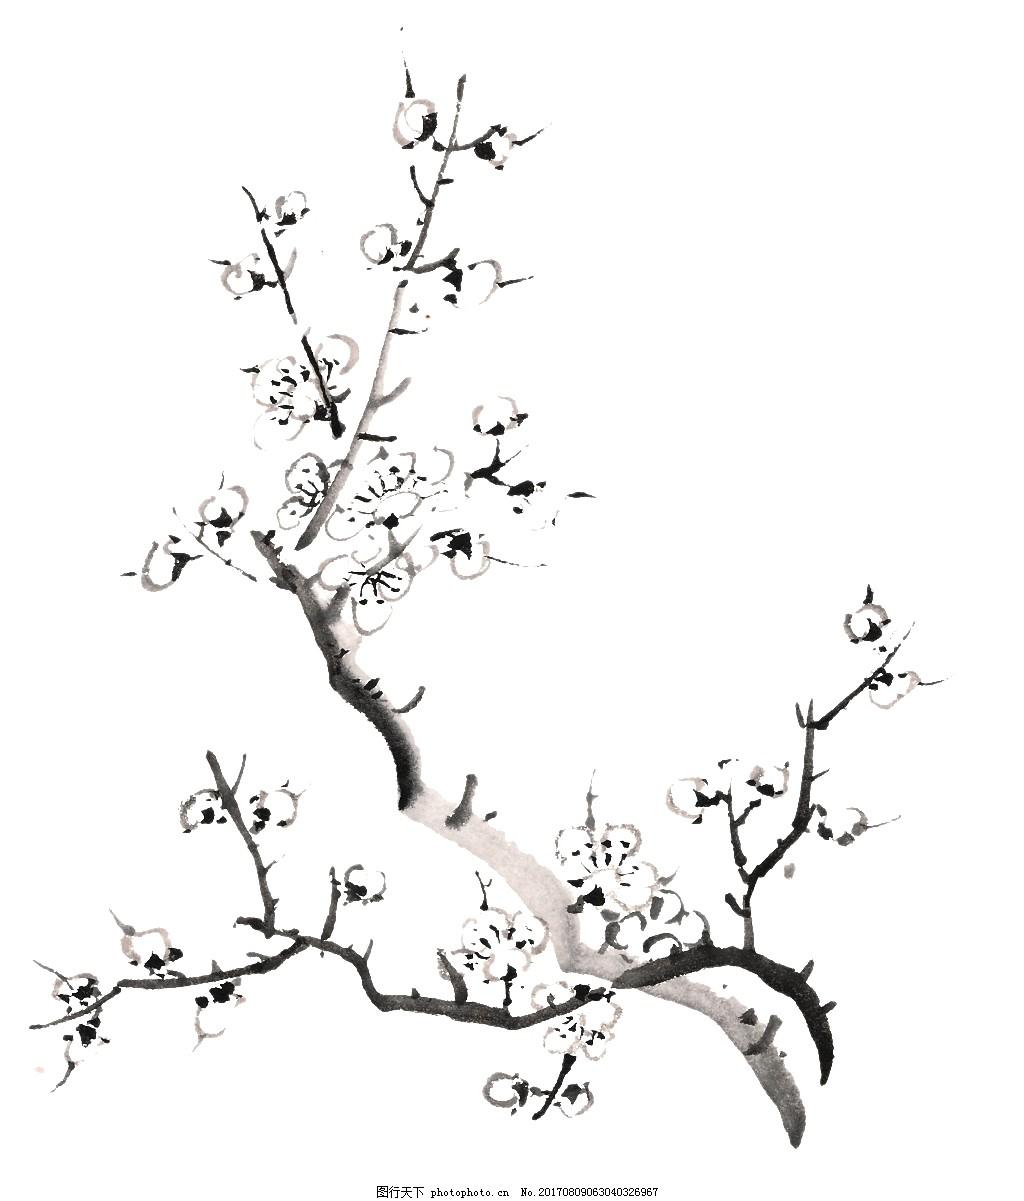 水墨手绘桃树网页设计素材